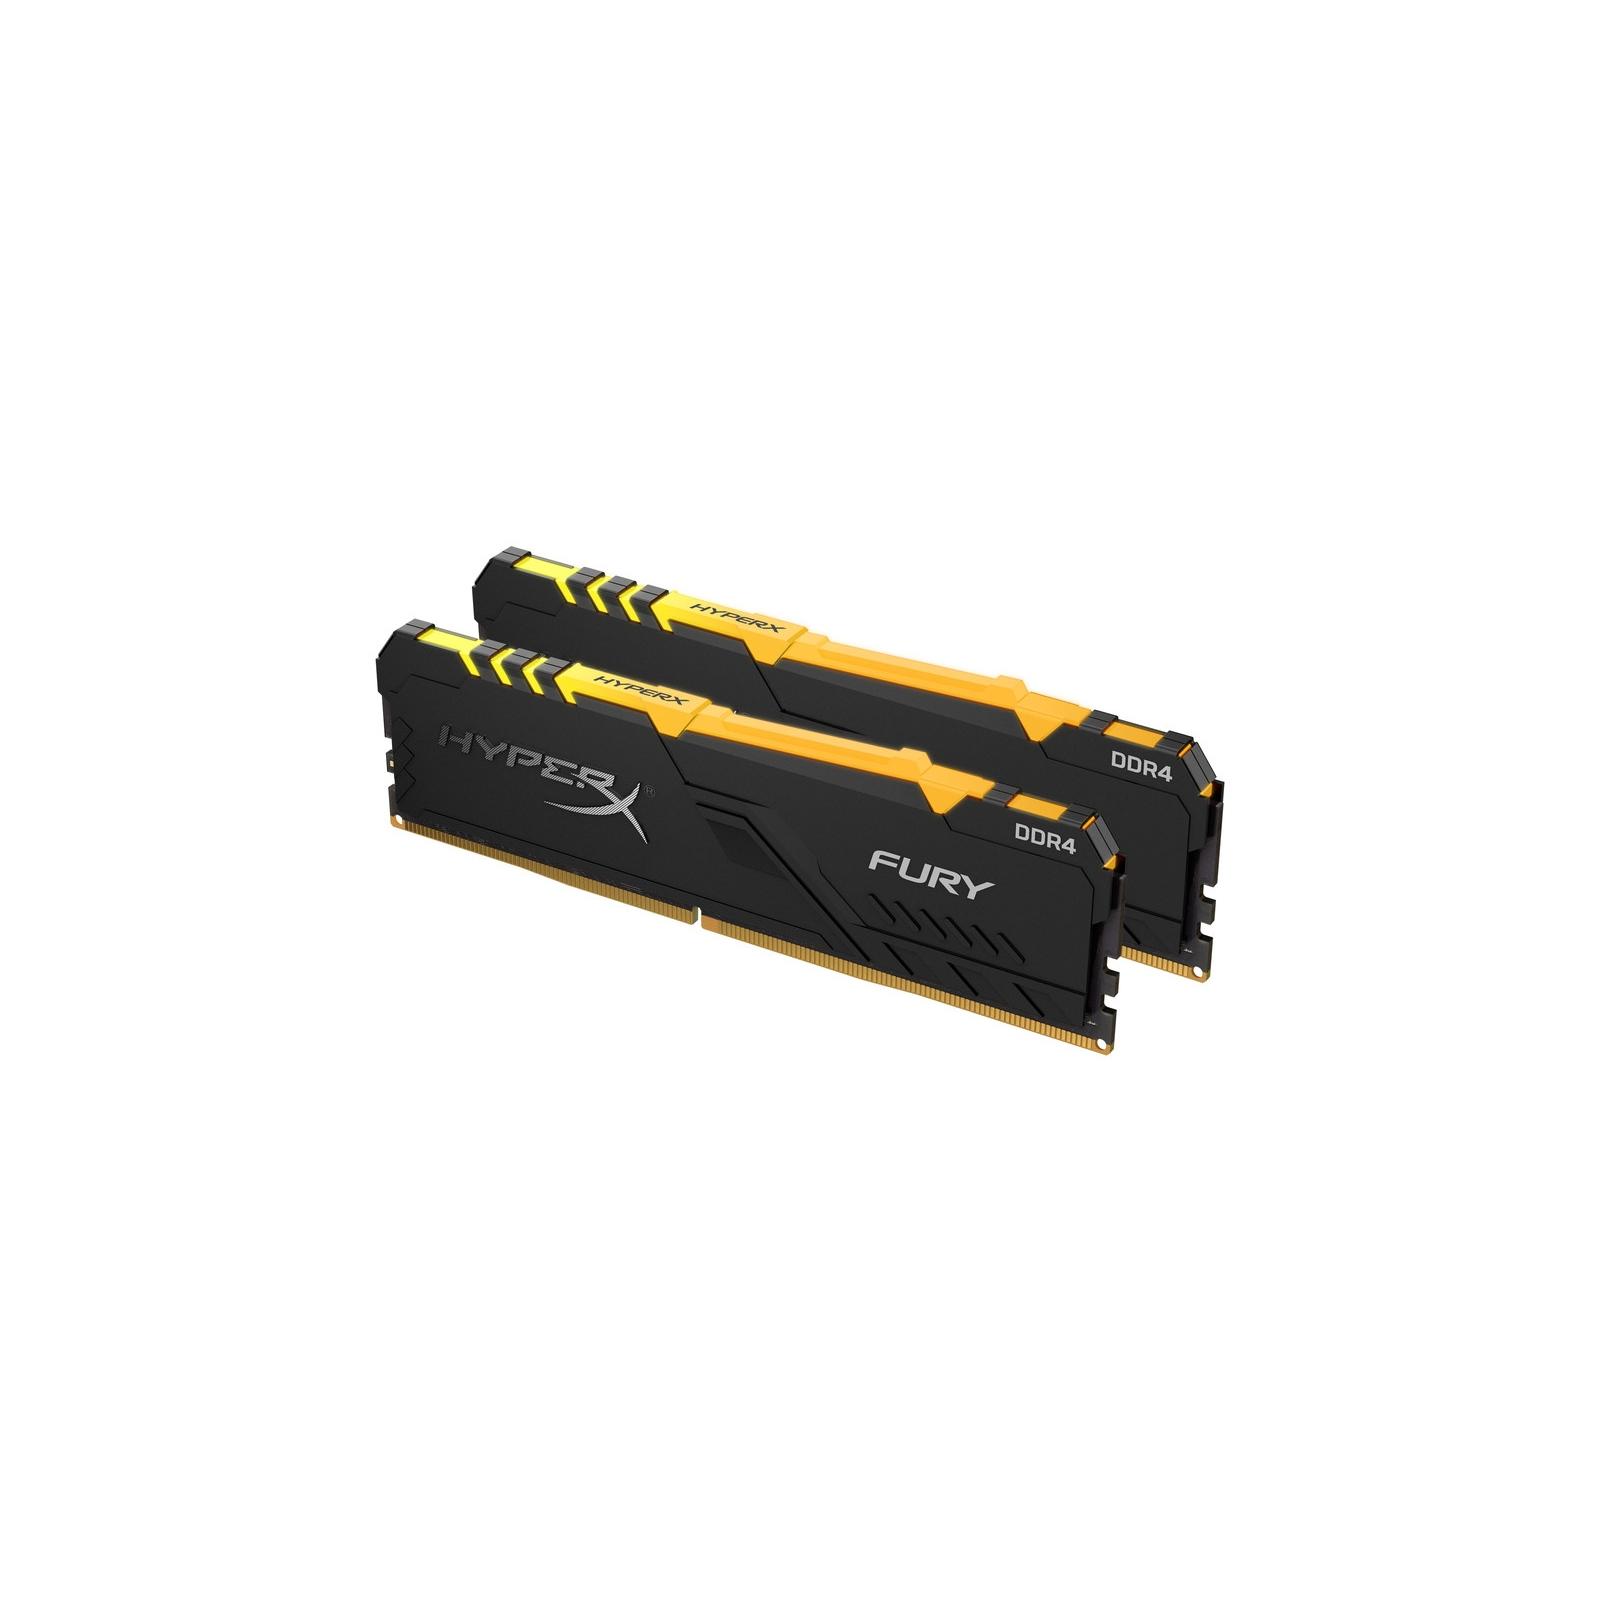 Модуль памяти для компьютера DDR4 32GB (2x16GB) 3466 MHz HyperX FURY RGB HyperX (Kingston Fury) (HX434C16FB3AK2/32) изображение 3